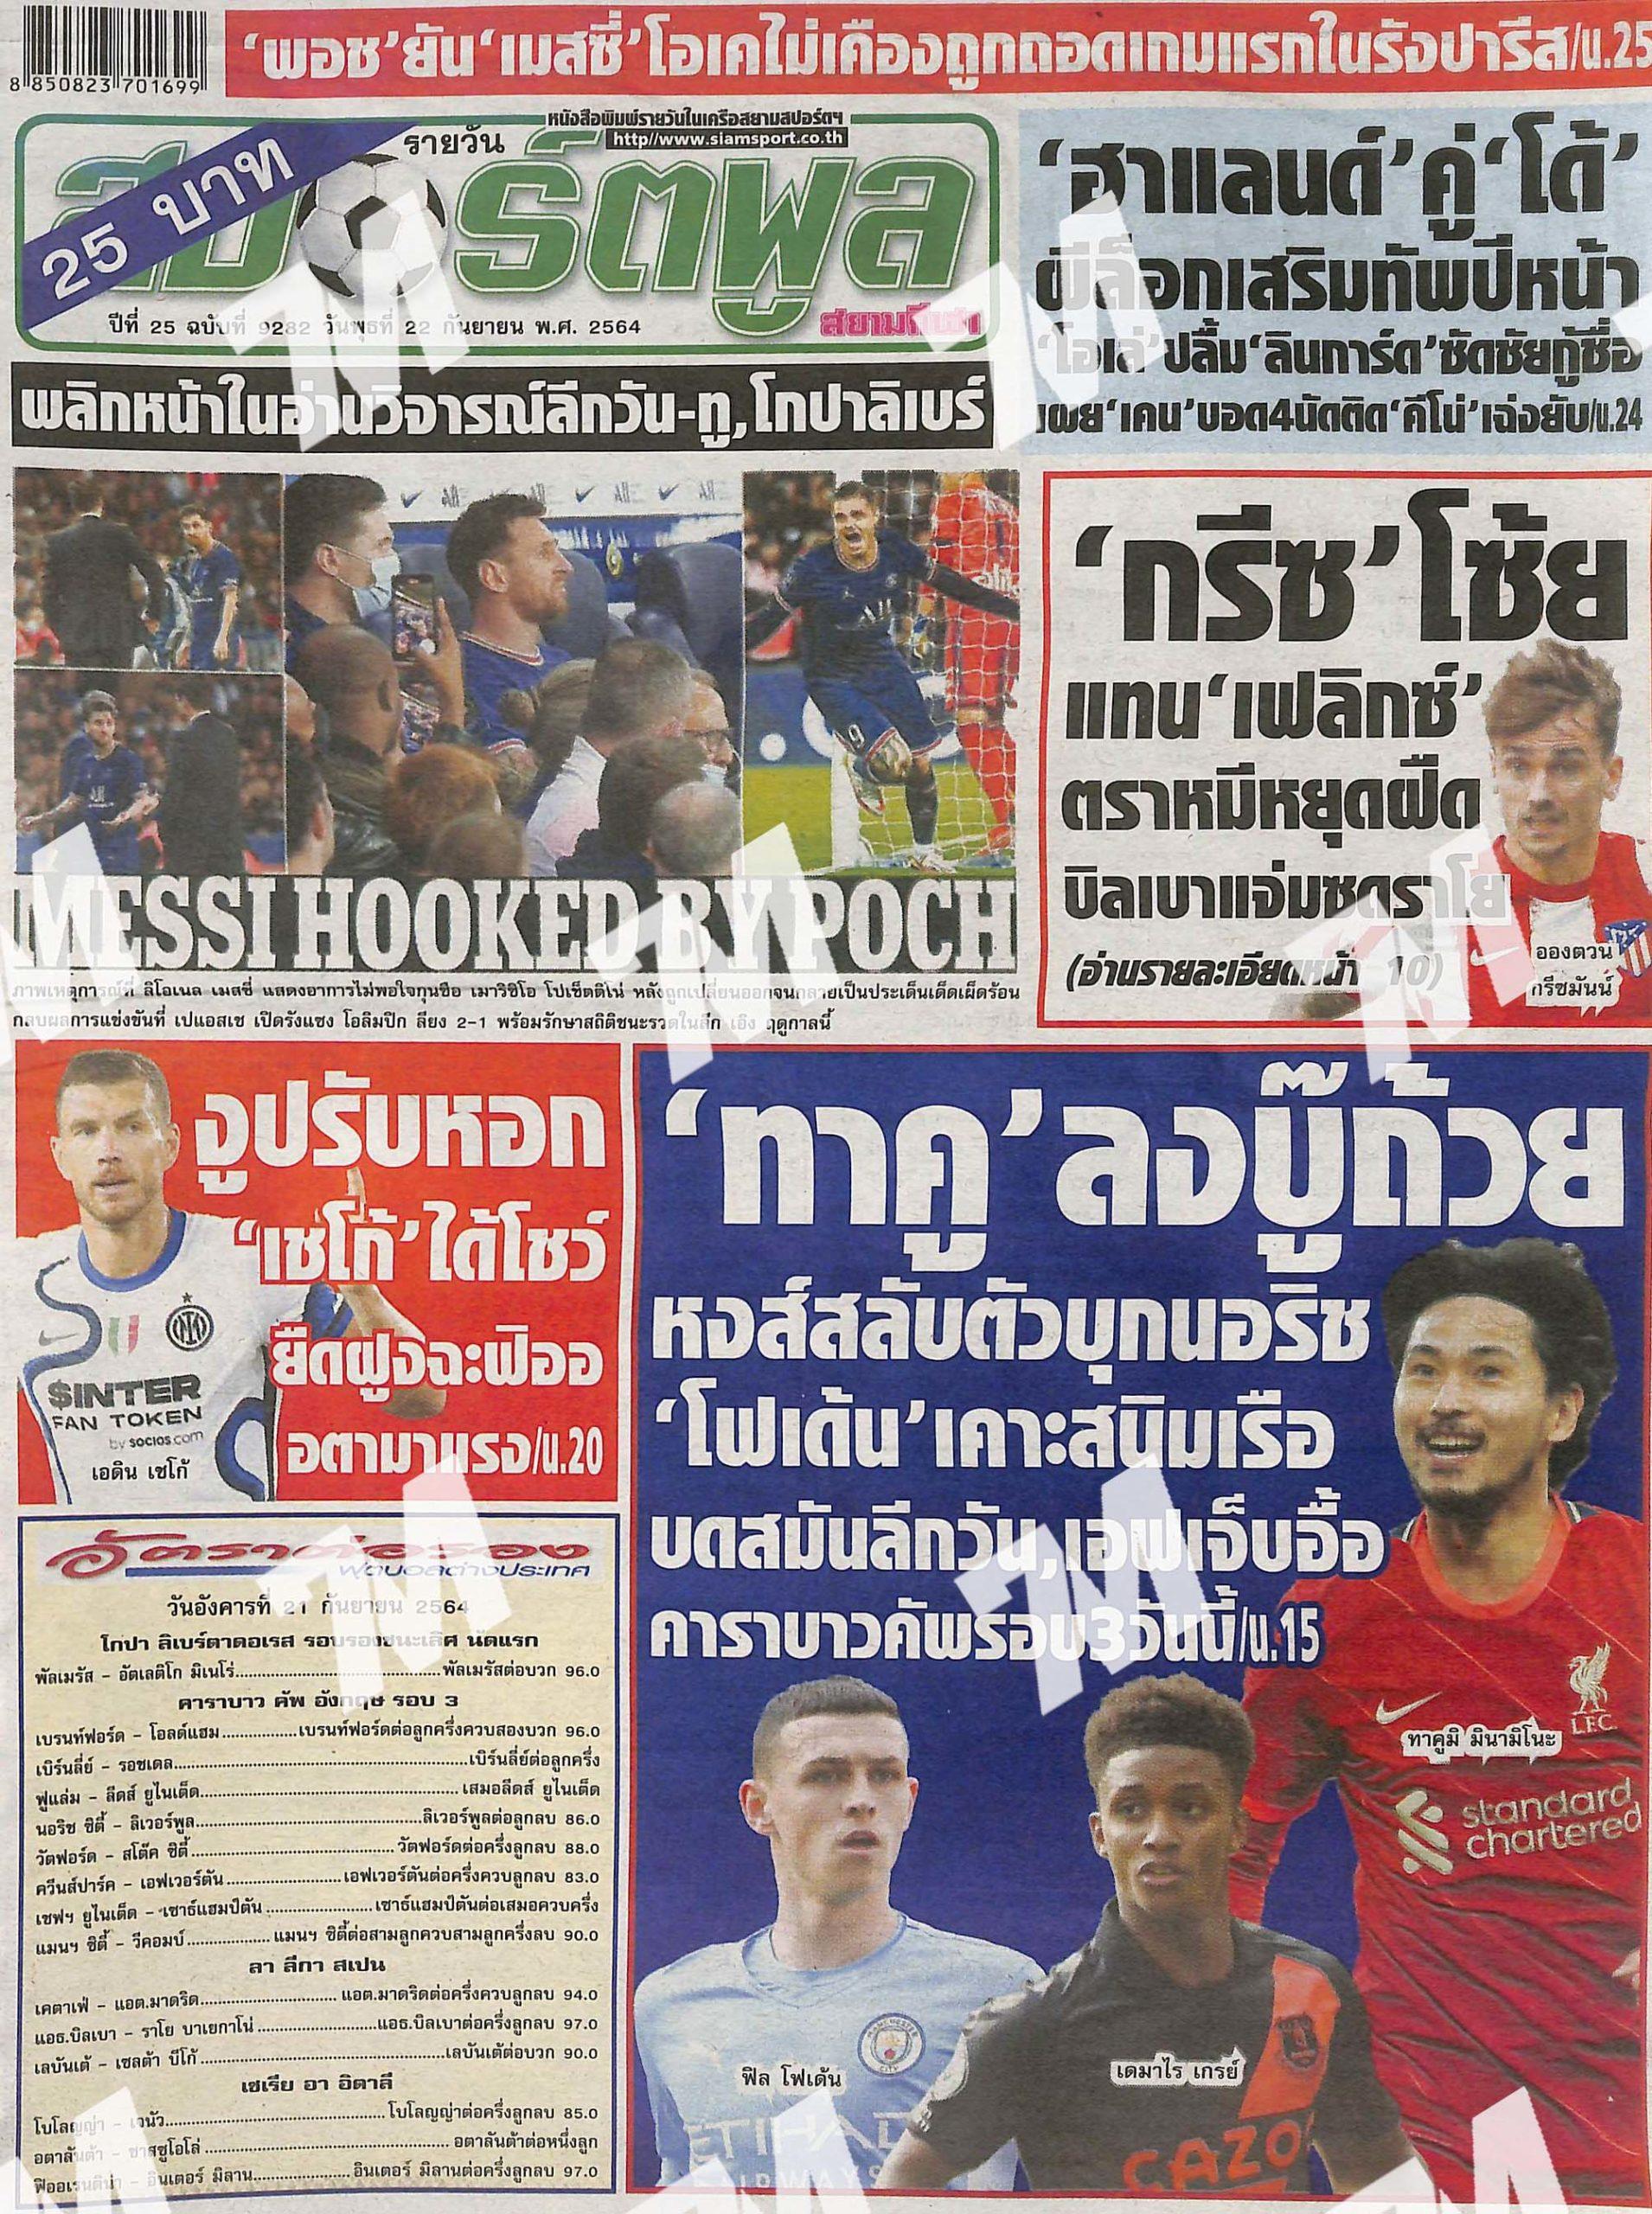 หนังสือพิมพ์, หนังสือพิมพ์ สปอร์ต, หนังสือพิมพ์ สปอร์ตพูล, หนังสือพิมพ์ สปอร์ตแมน, หนังสือพิมพ์กีฬา, หนังสือพิมพ์กีฬา ทีเด็ด, หนังสือพิมพ์กีฬา สปอร์ตพูล,